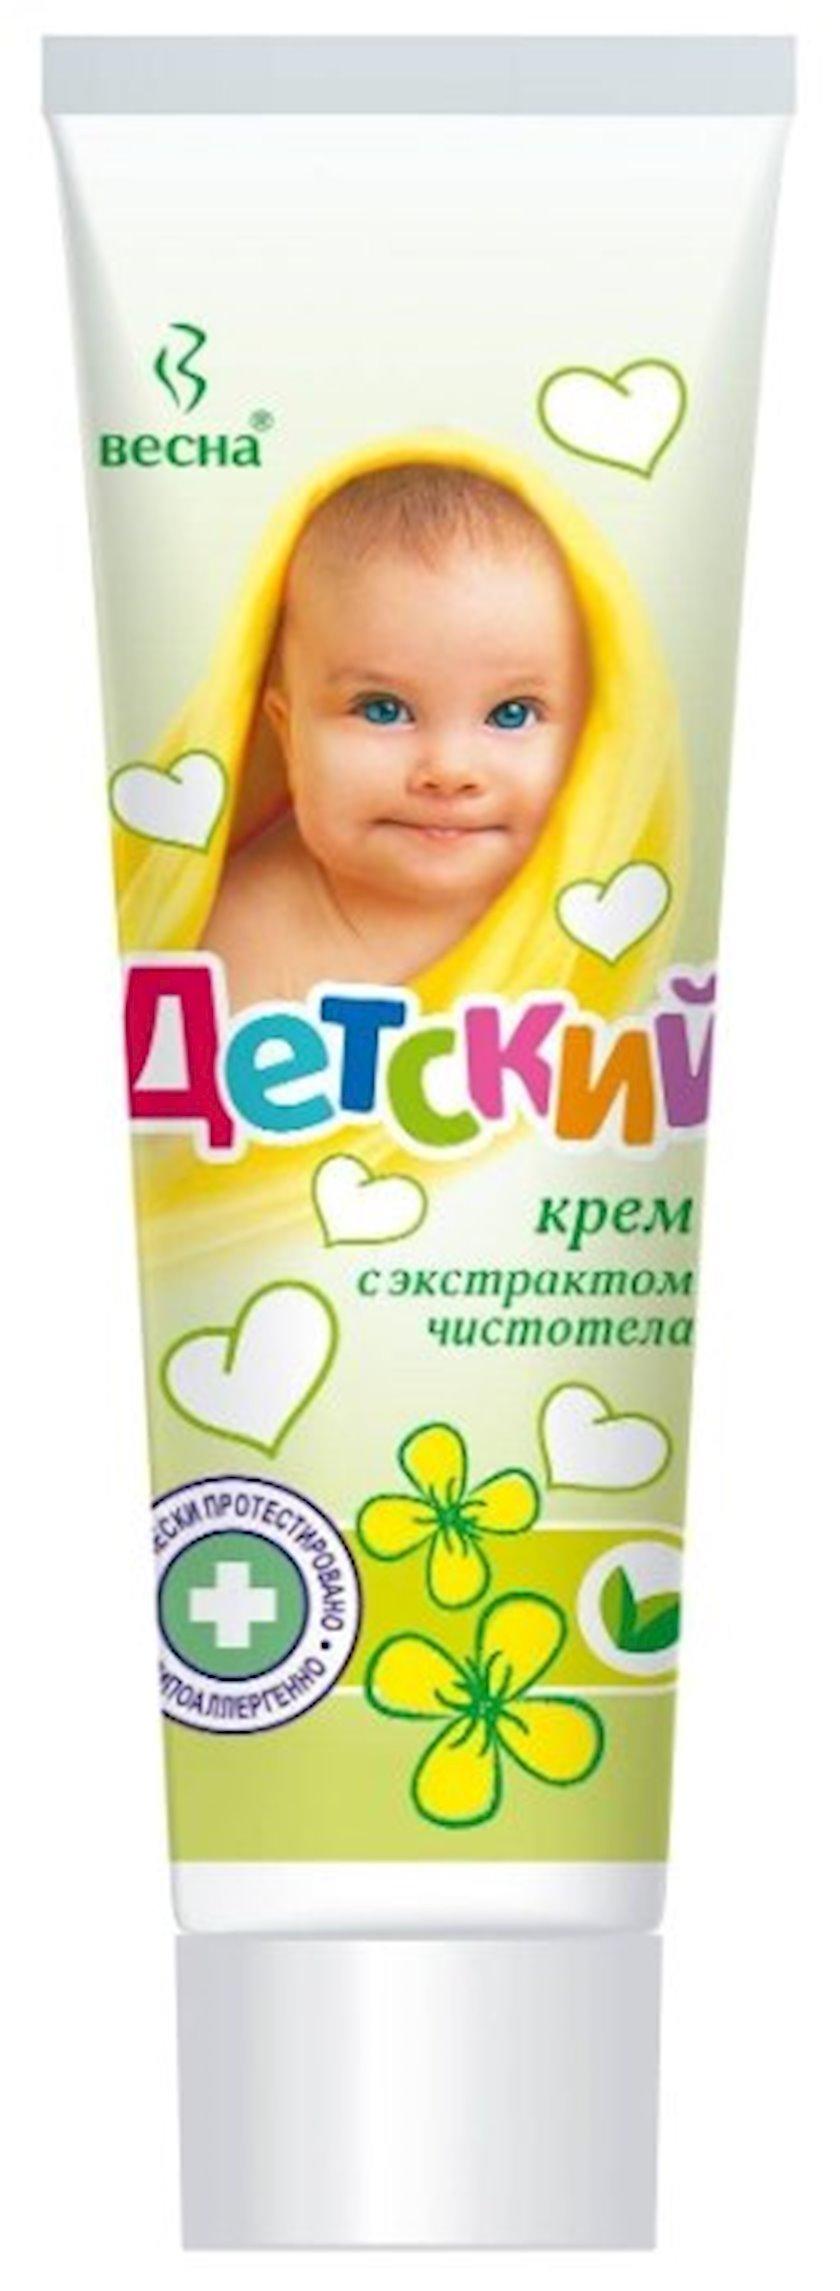 Krem Весна Детский dəmrovotu cövhəri ilə 45 ml